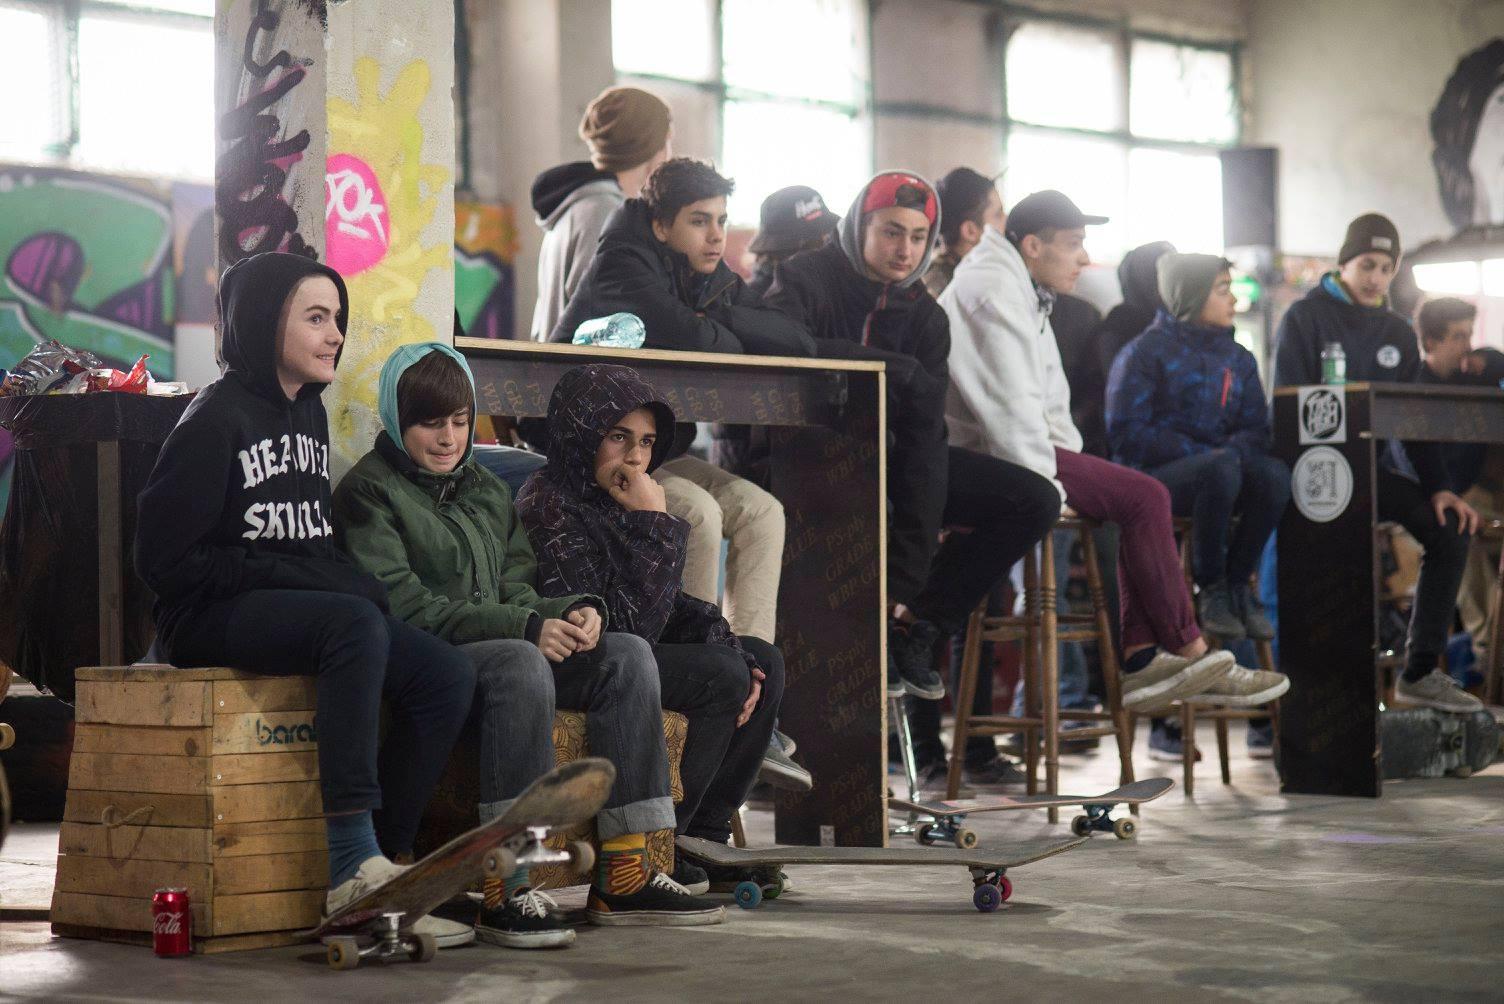 Skate Open 2017